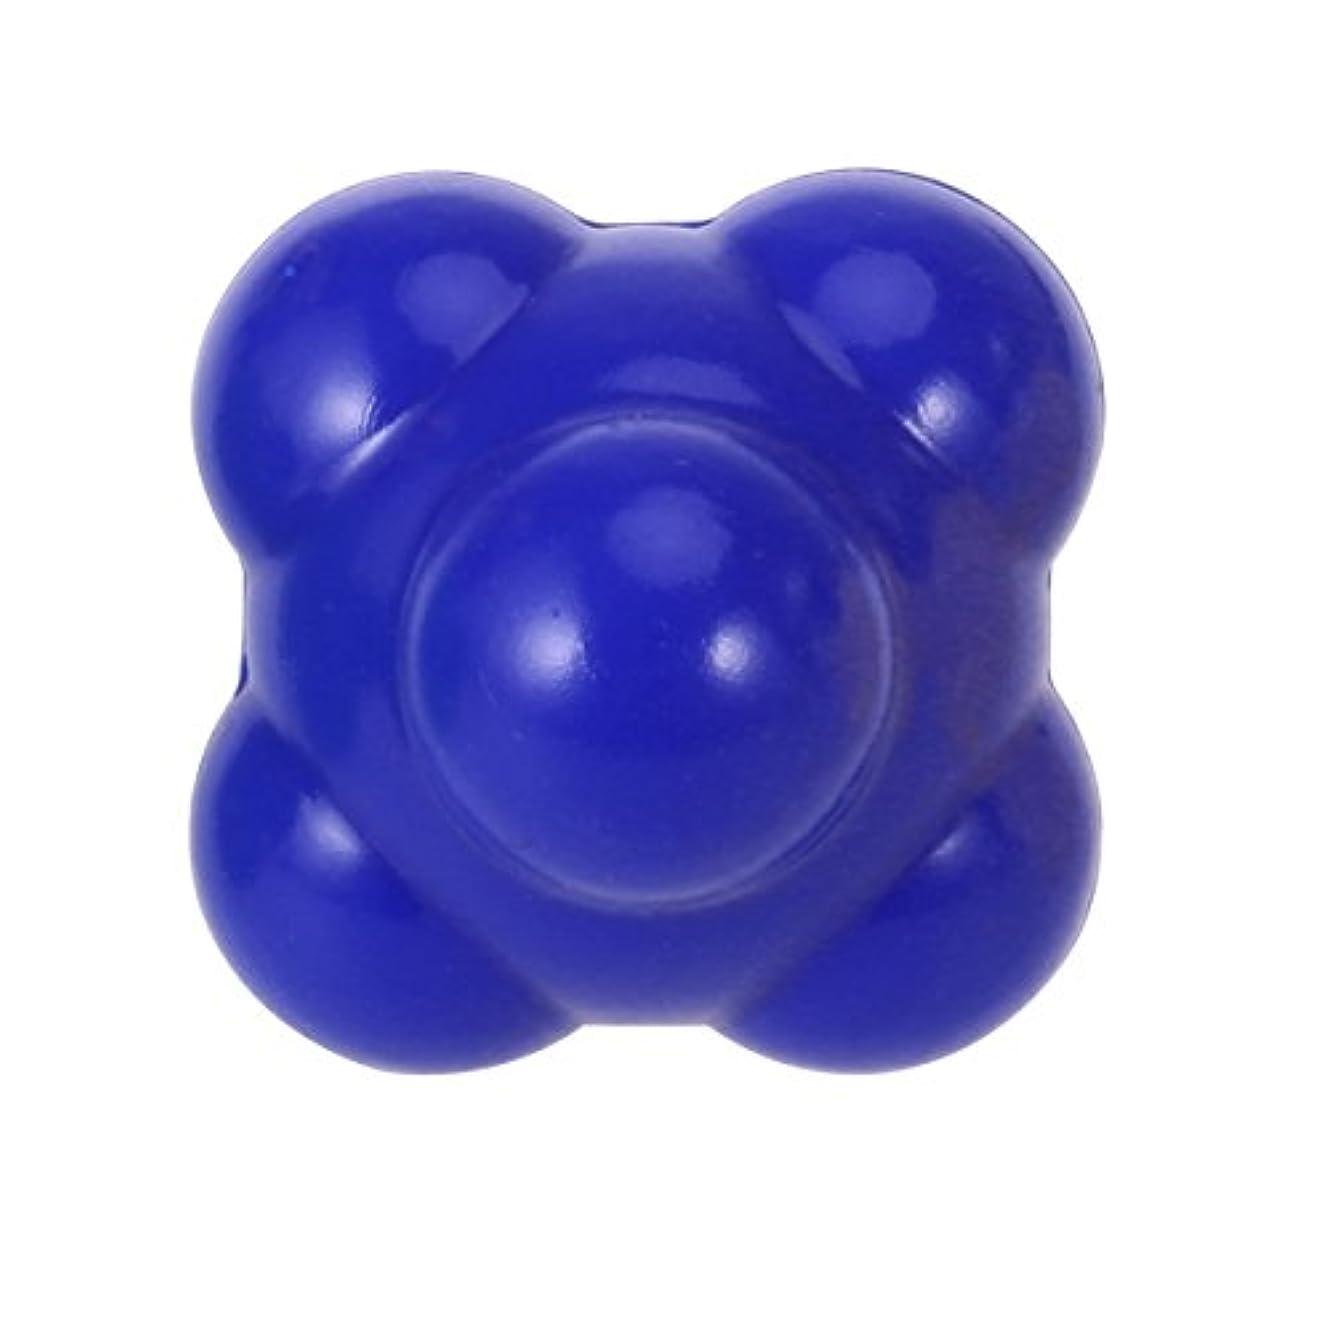 内陸コカイン秘密のROSENICE 敏捷性ボール58mm優れたハンドアイ配位の開発(ブルー)